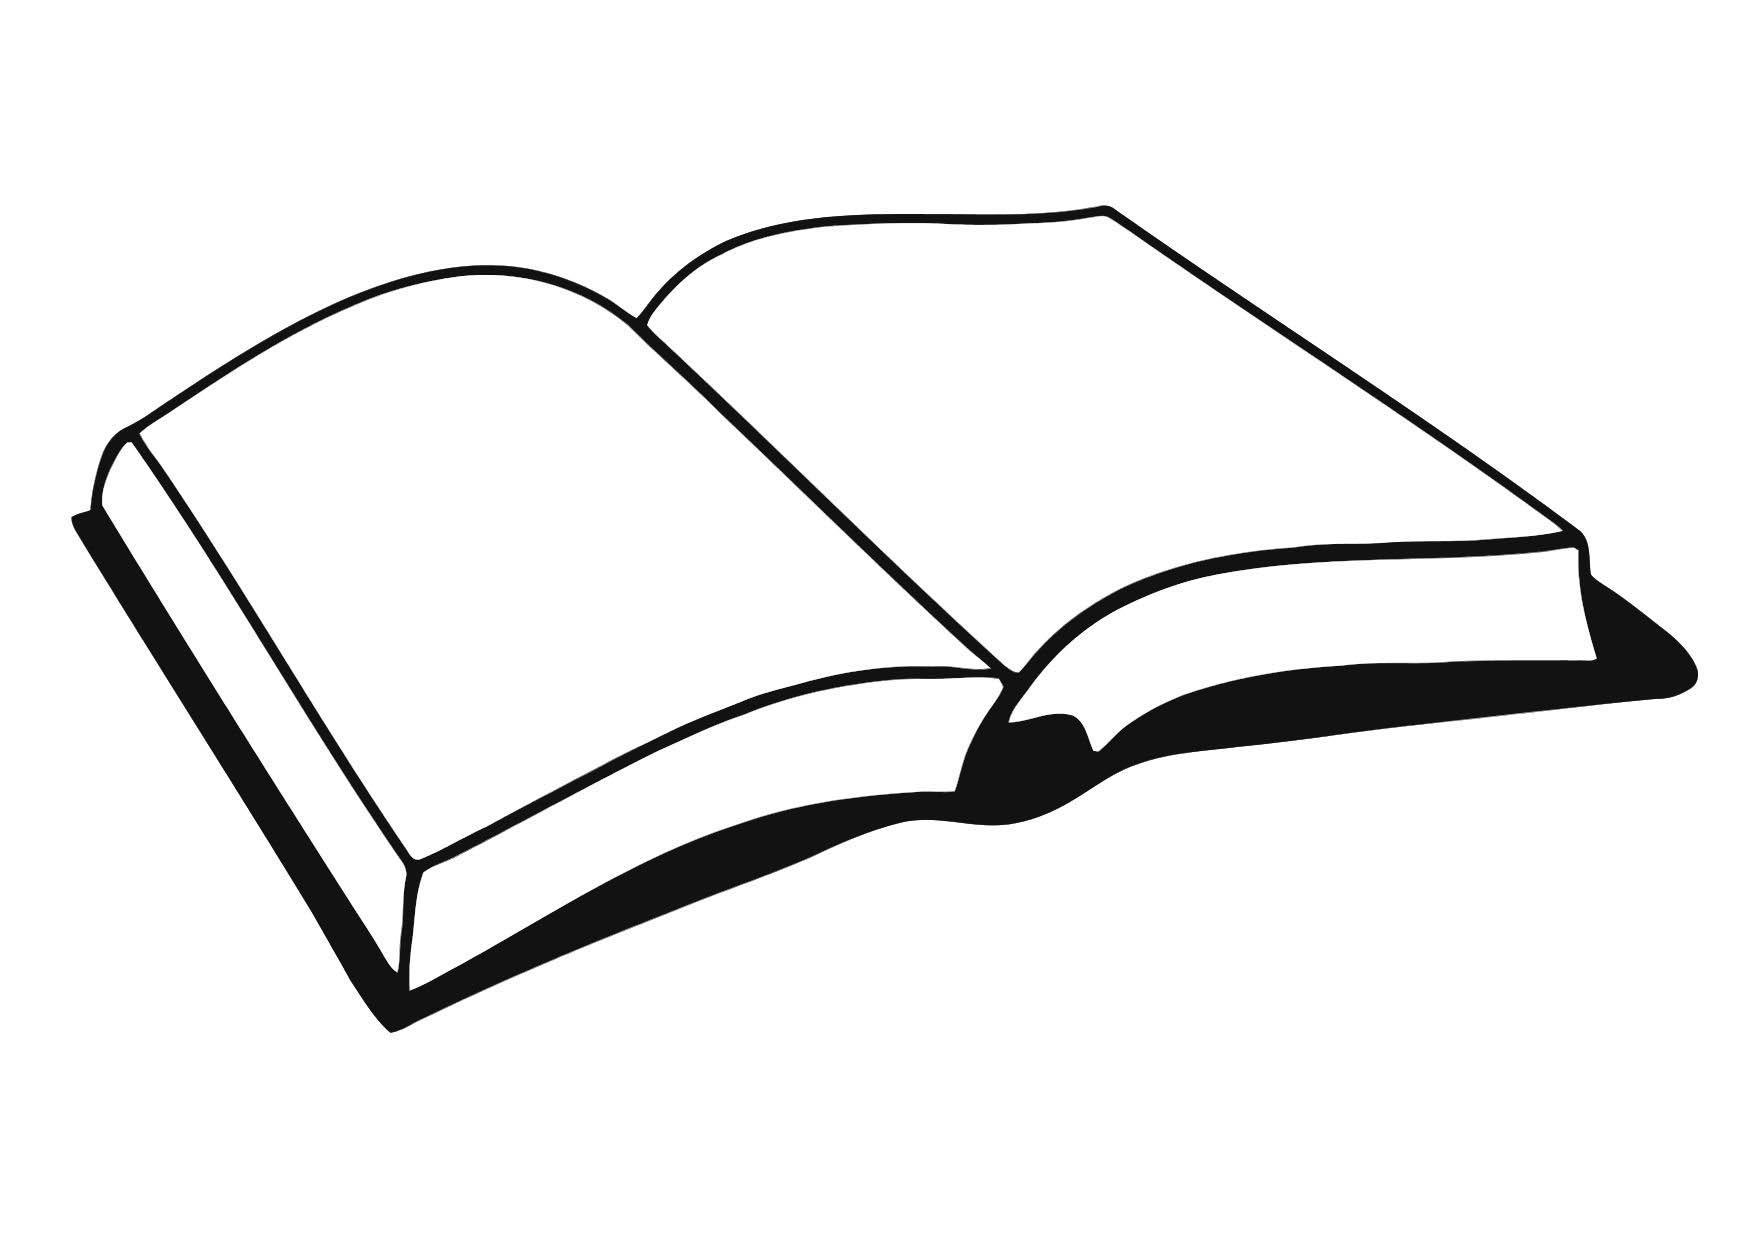 Malvorlage Buch | Ausmalbild 11433.